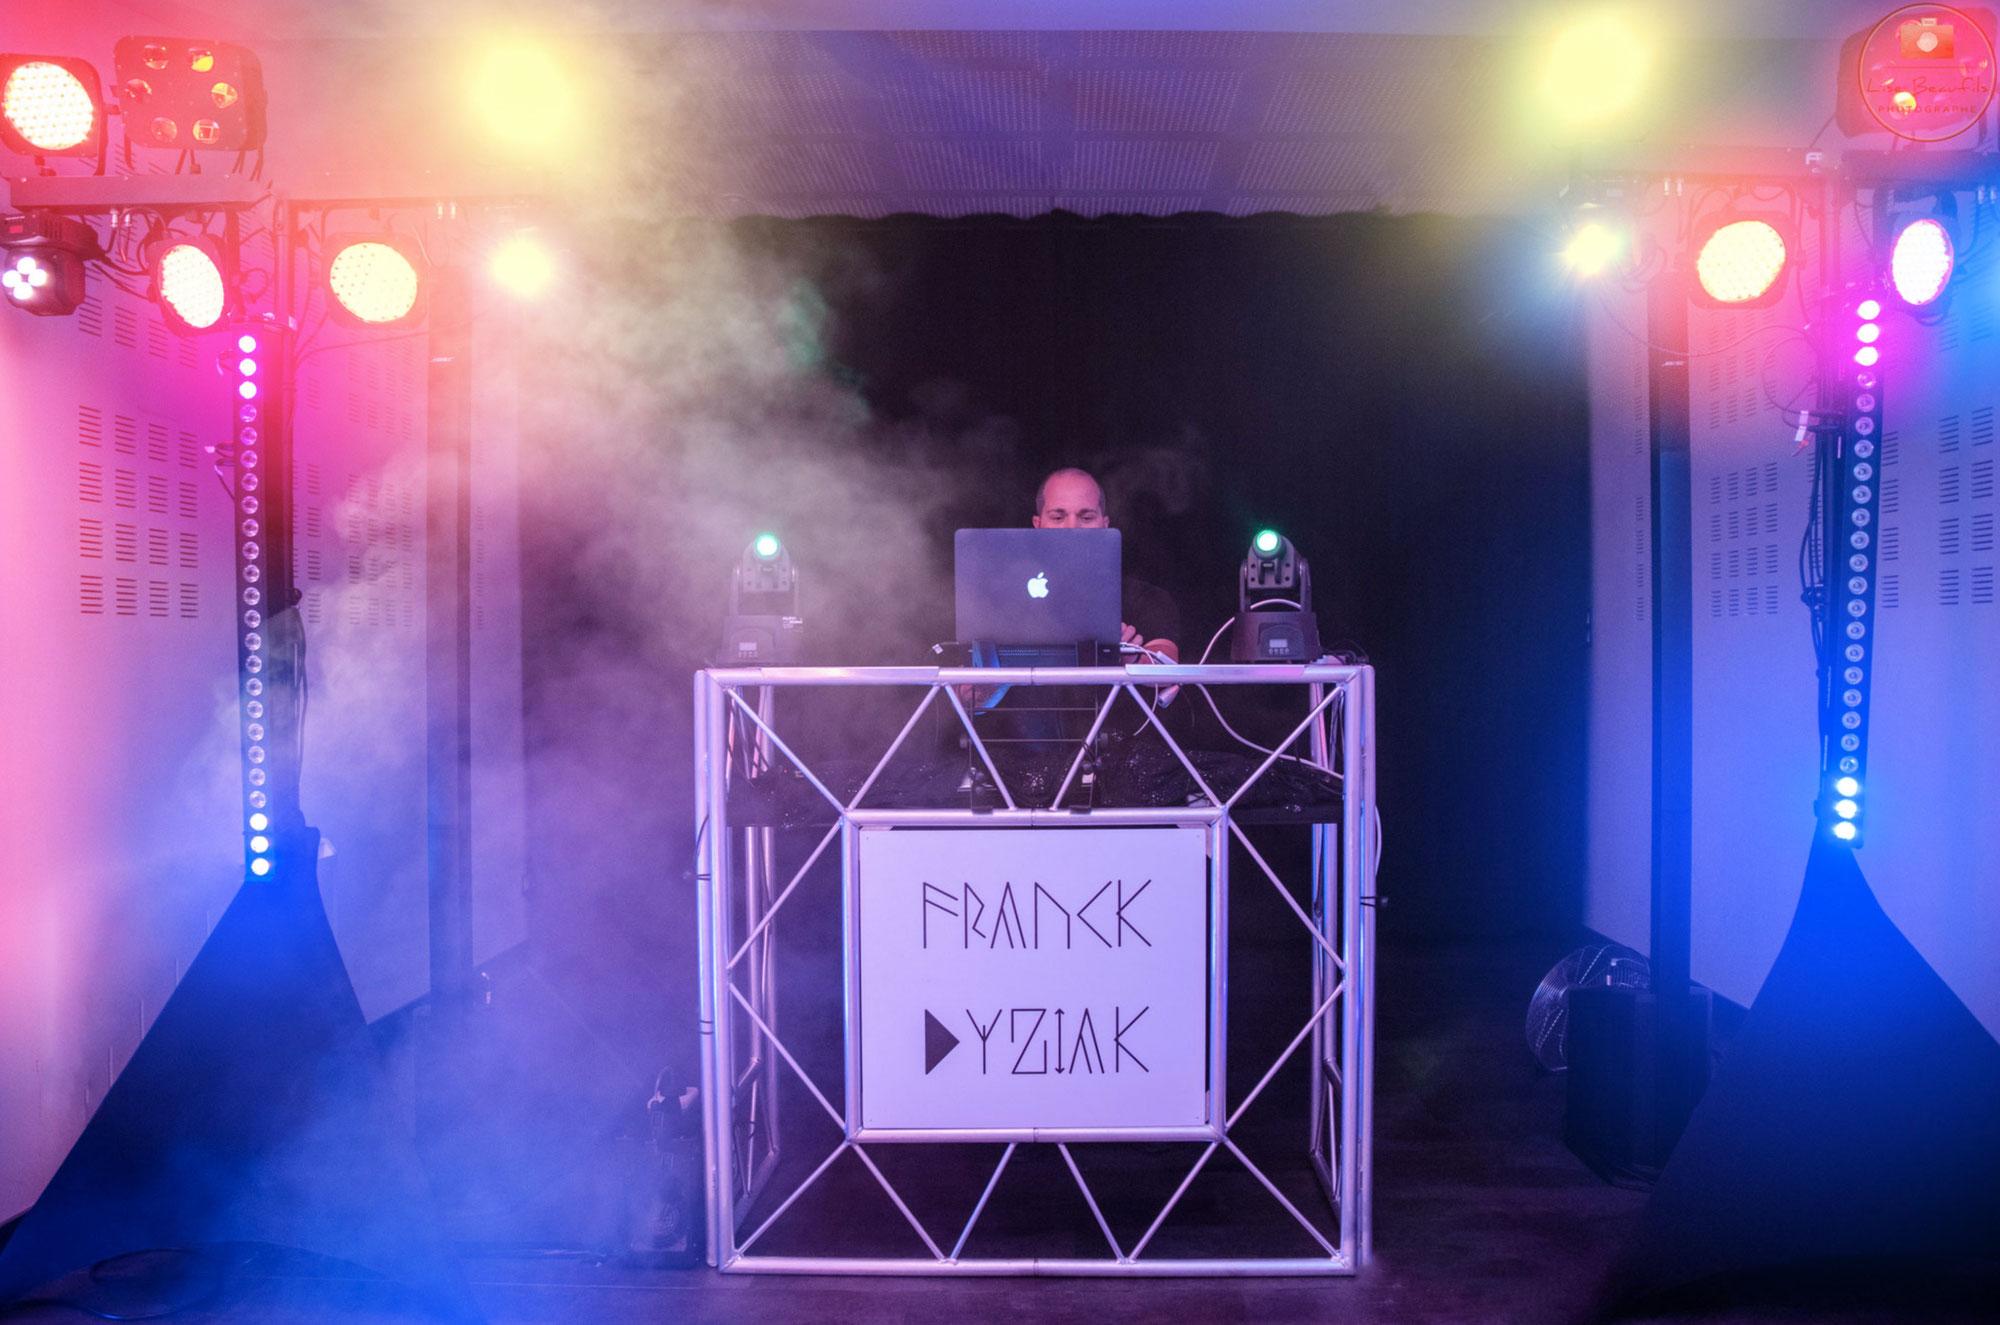 Franck Dyziak - Votre DJ